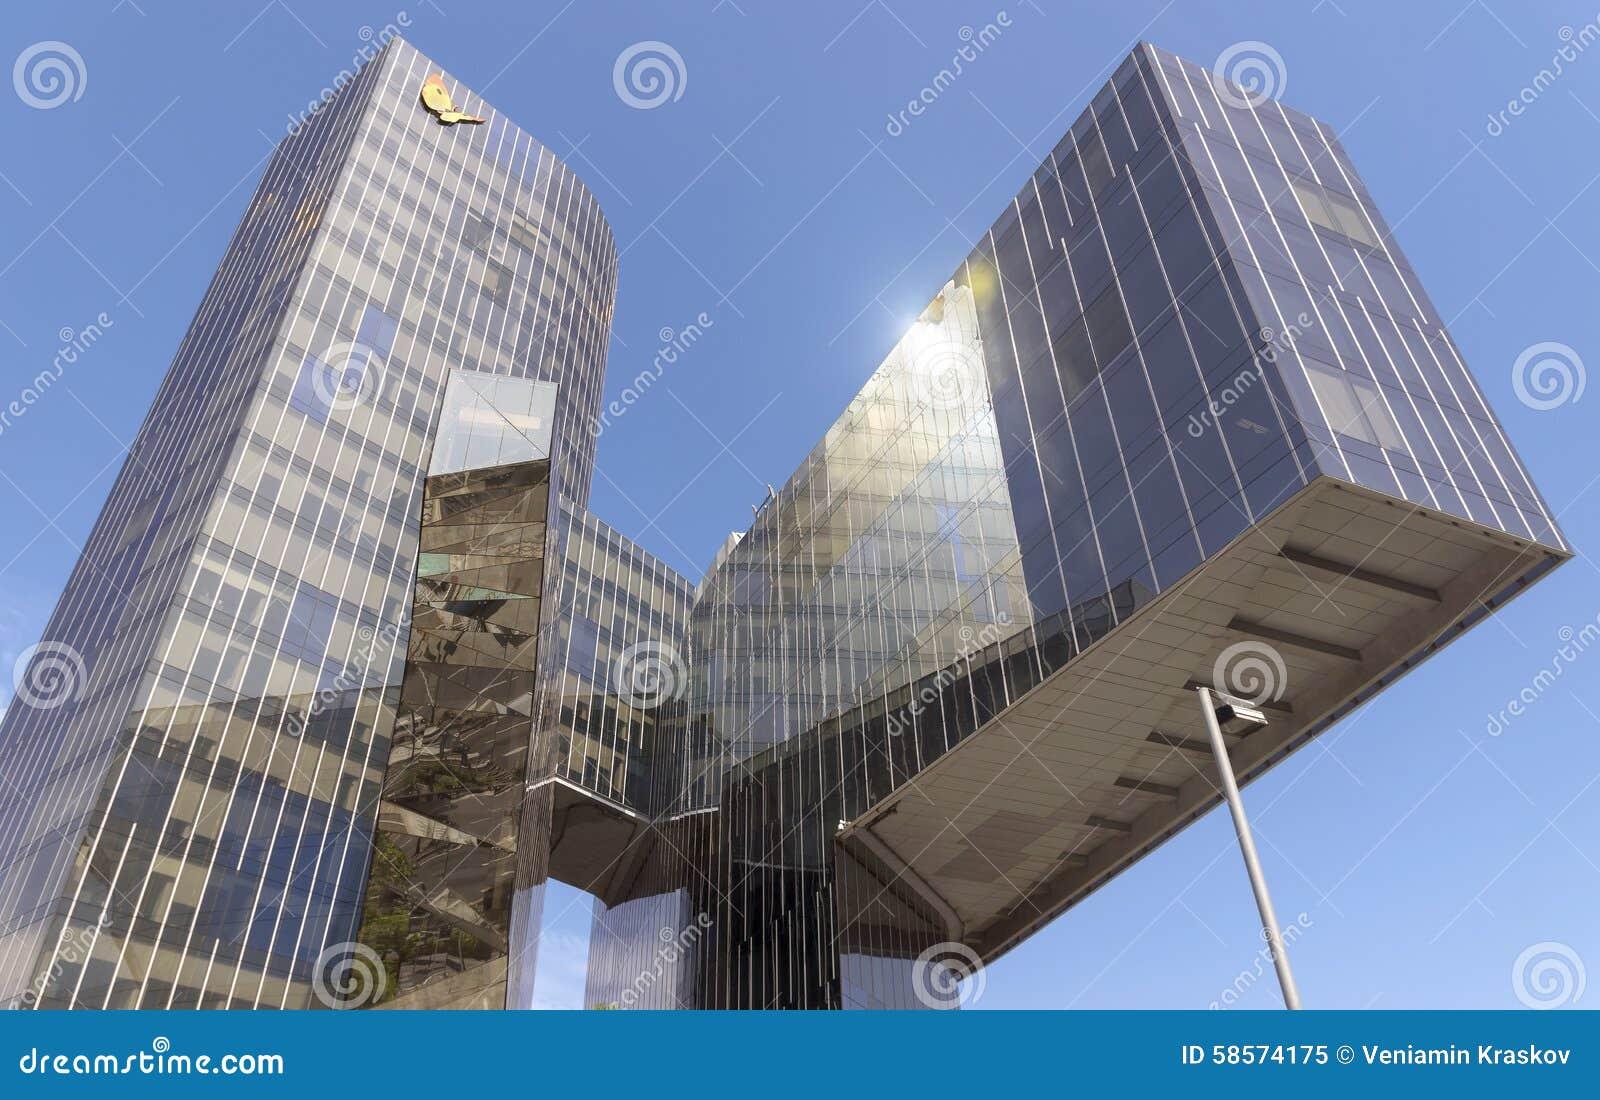 Immeuble de bureaux de fenosa de gas natural image éditorial